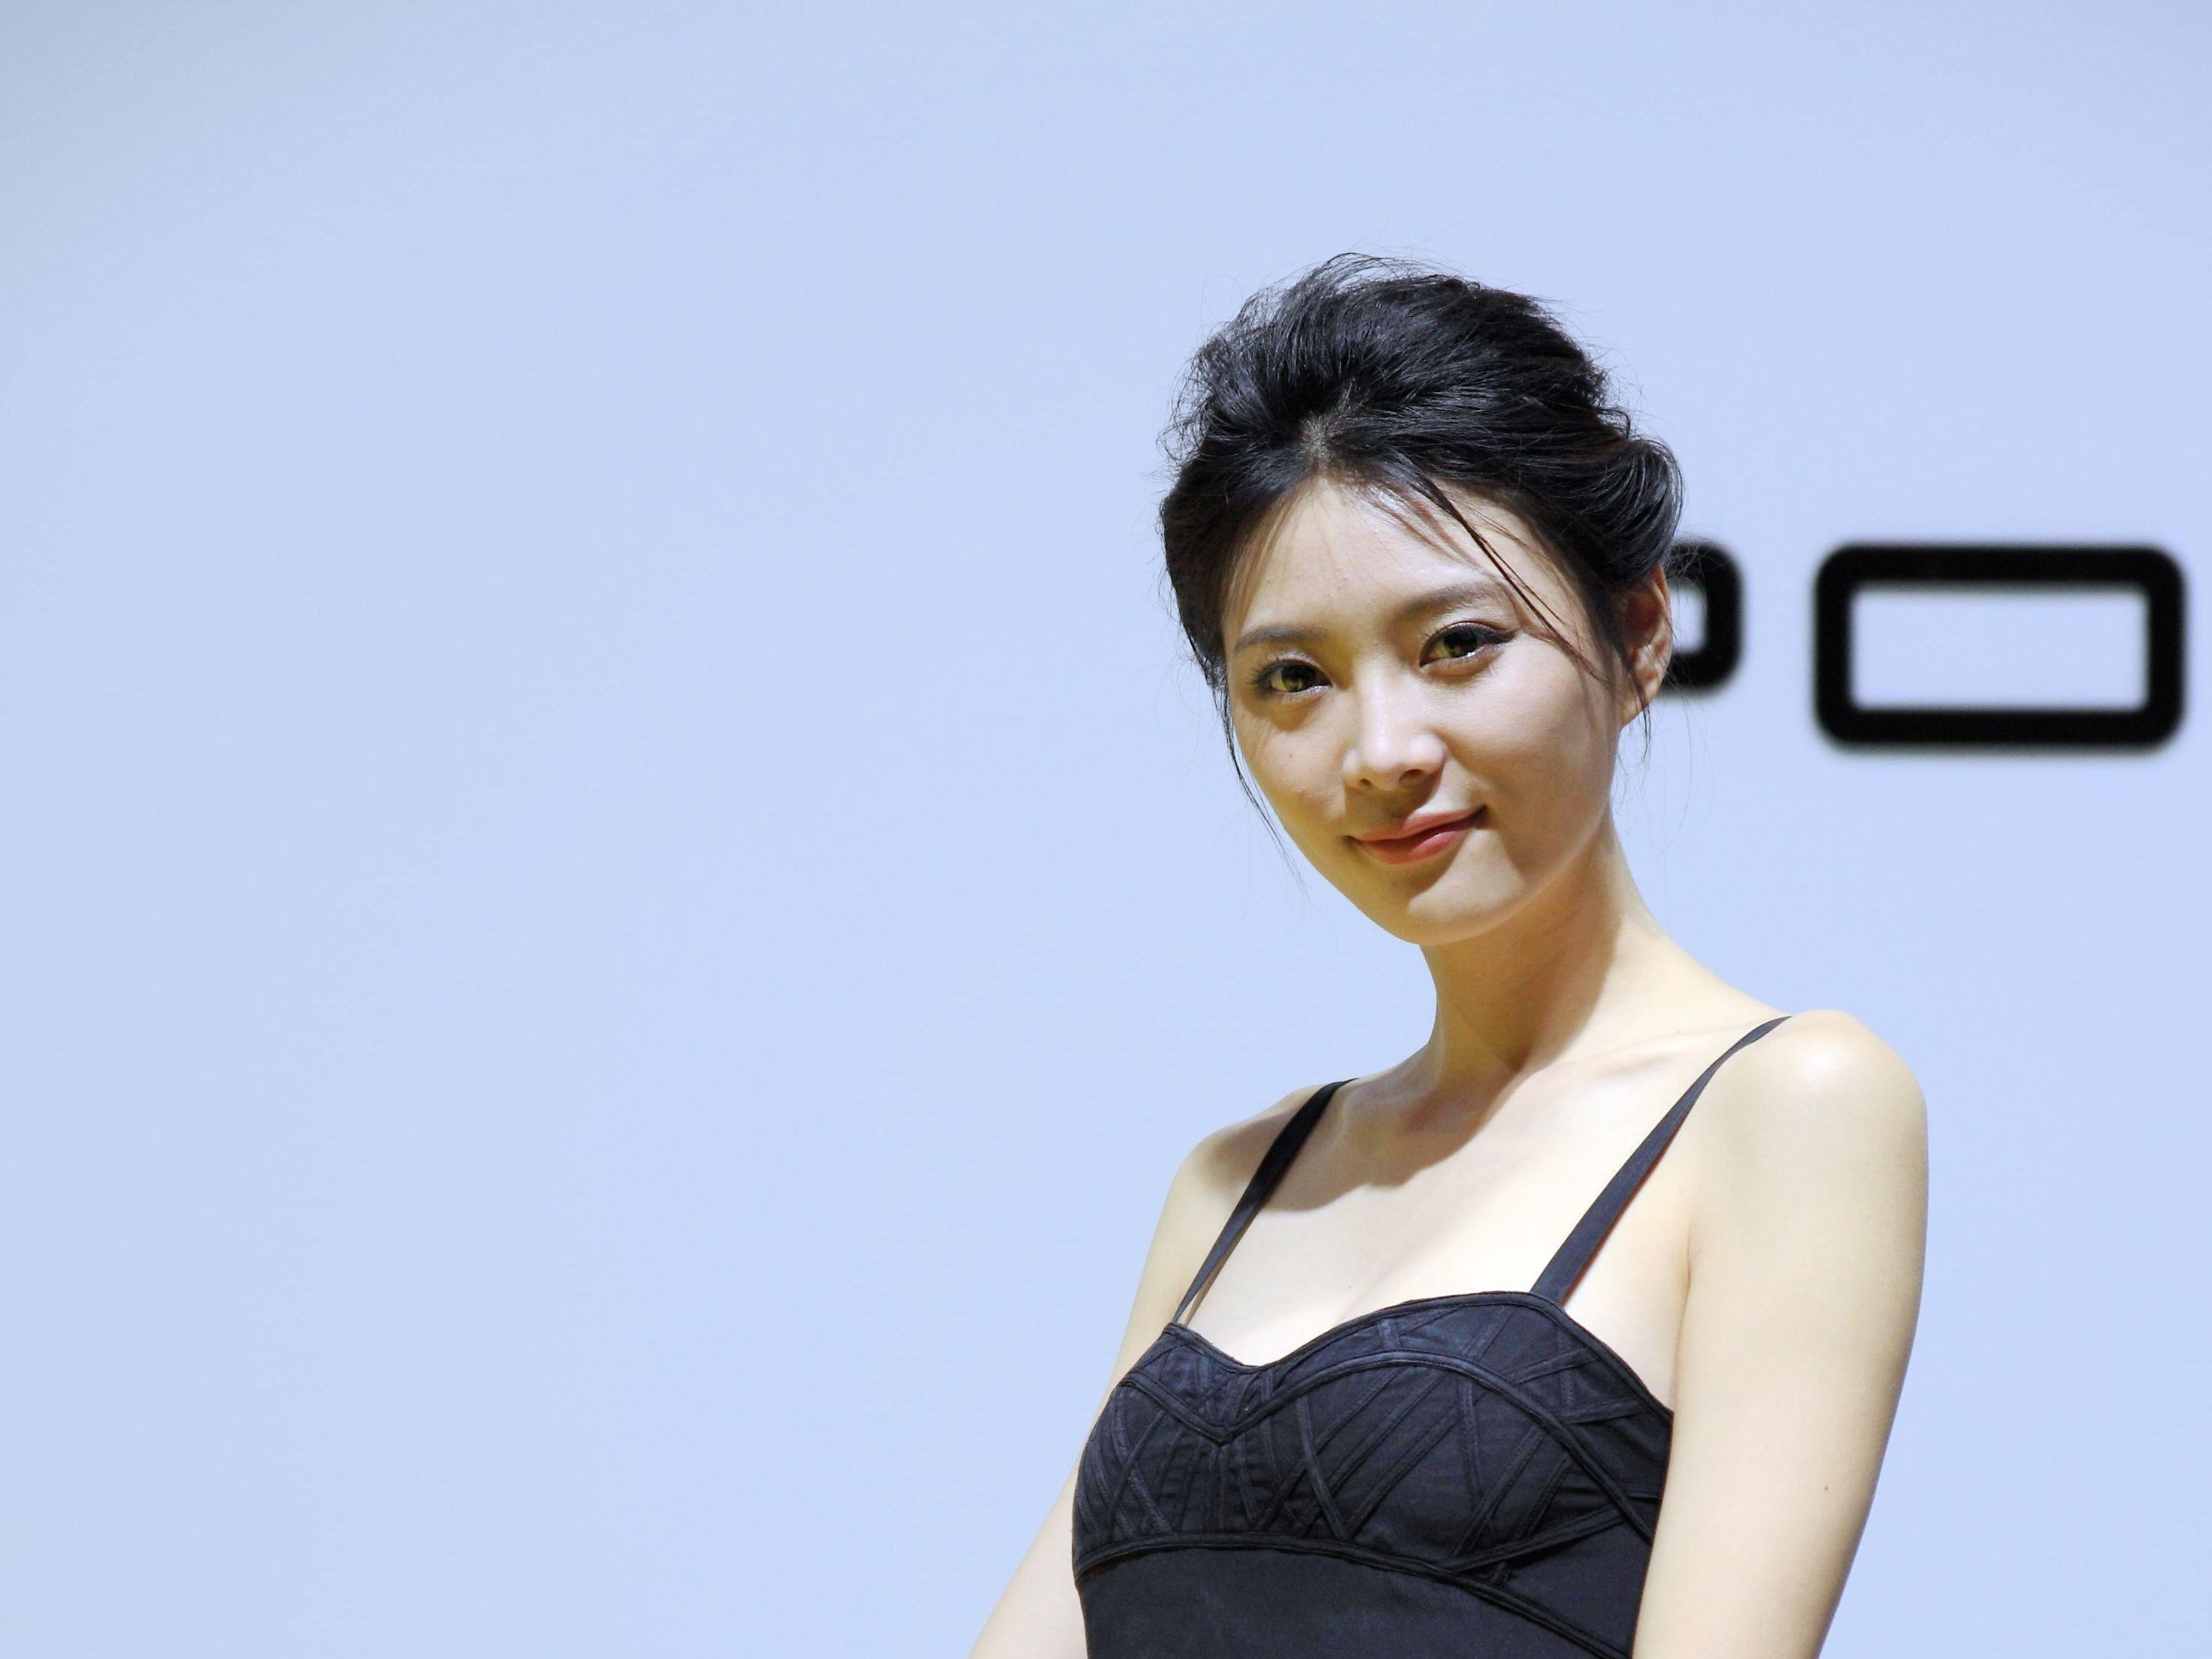 求模特姓名. 2013义乌车展保时捷展台的mm,清纯,亮丽.